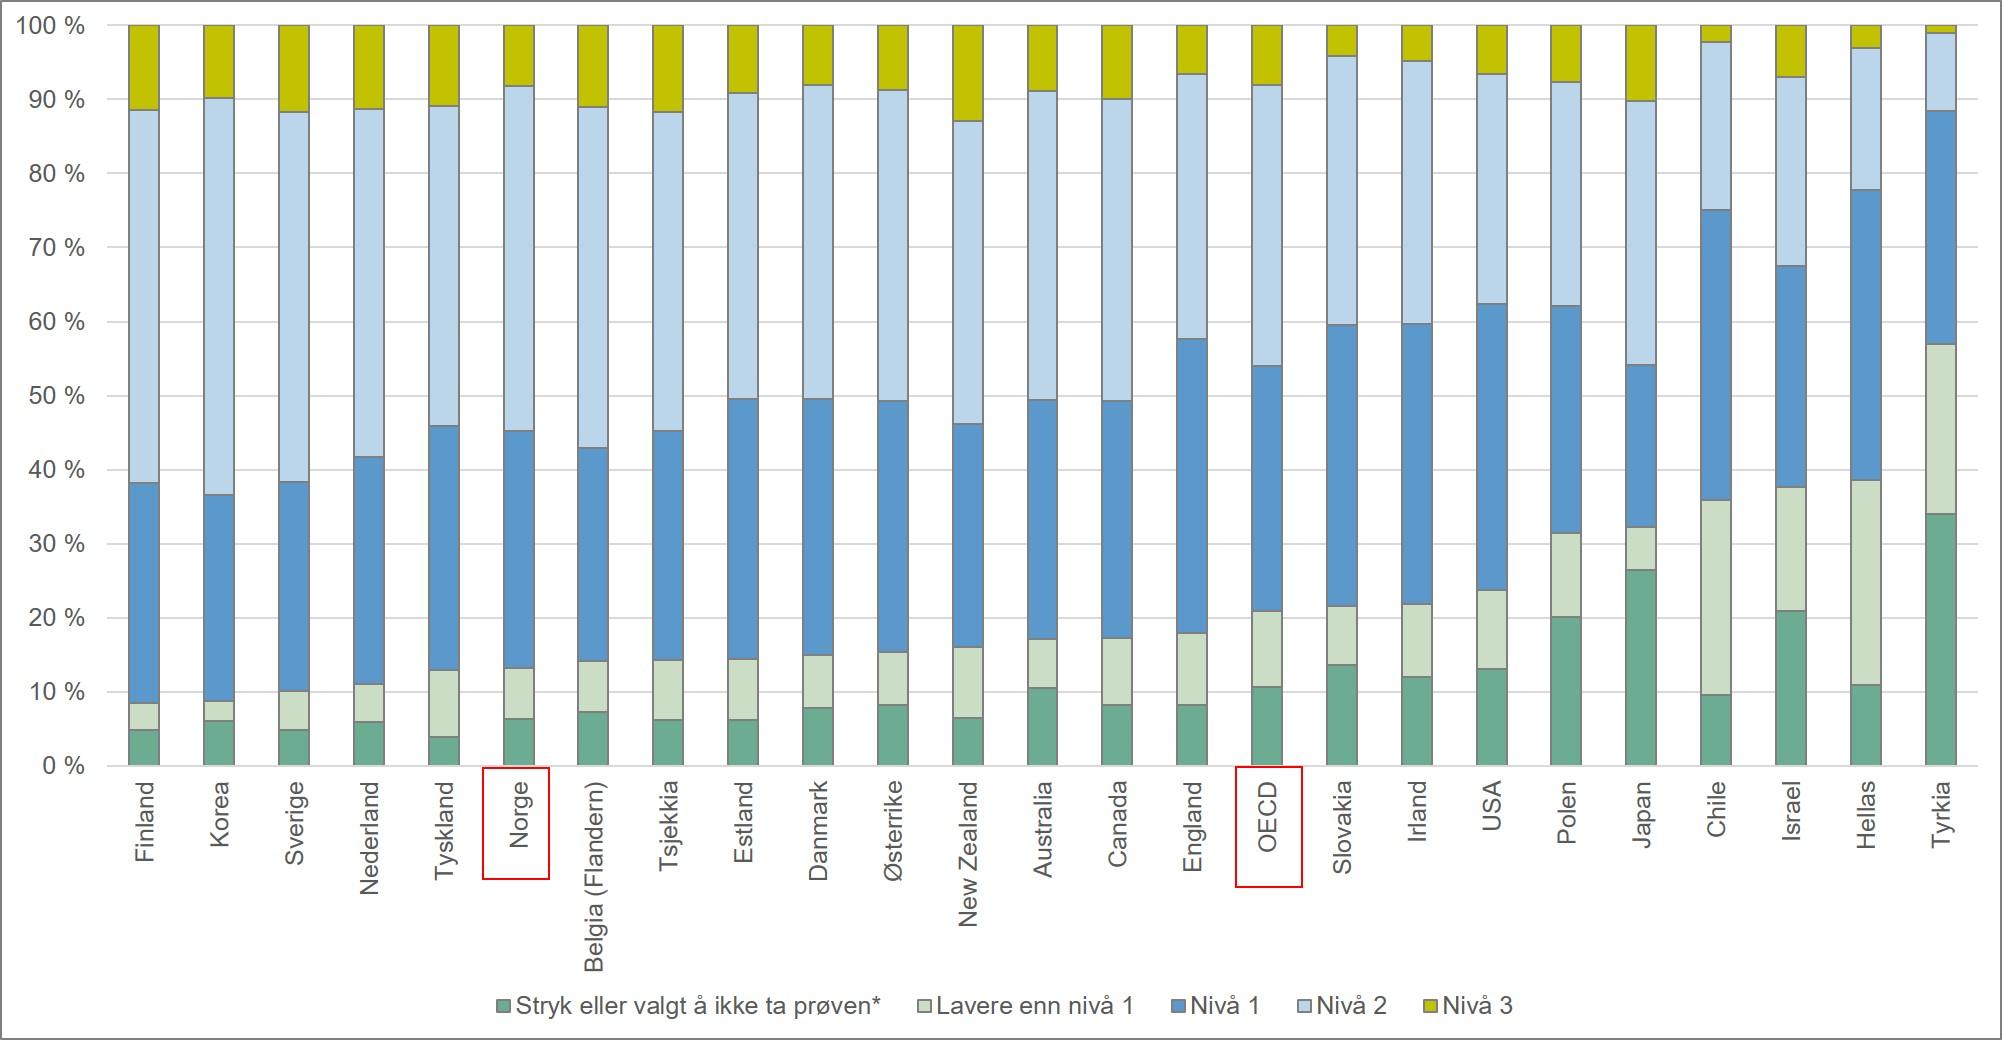 Befolkningen fordelt etter ferdighetsnivå på Problemløsing med IKT som målt i PIAAC-undersøkelsen. Alder 16 - 24 år. 2012